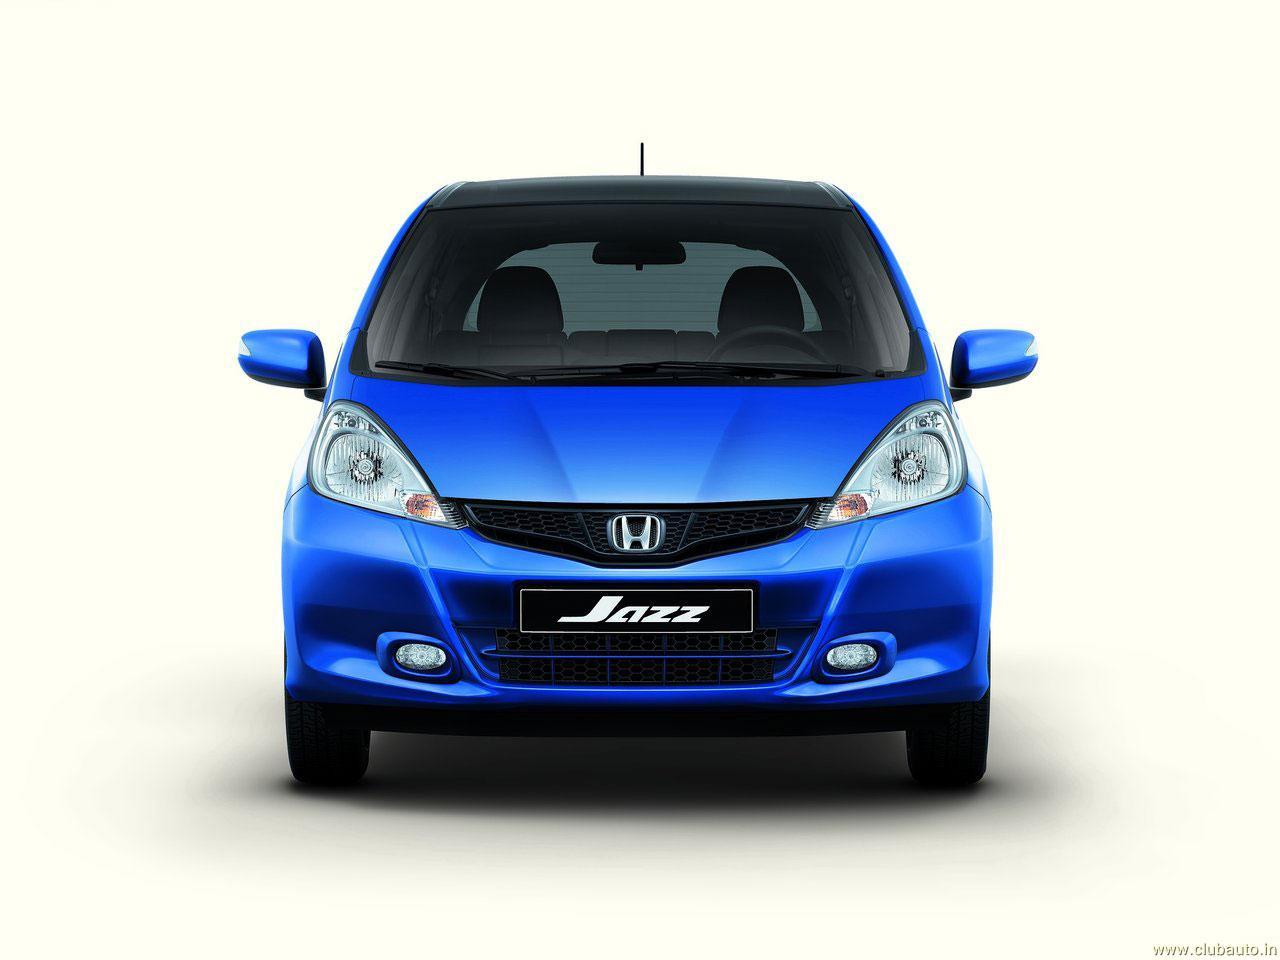 Kekurangan Honda Jazz 2011 Harga